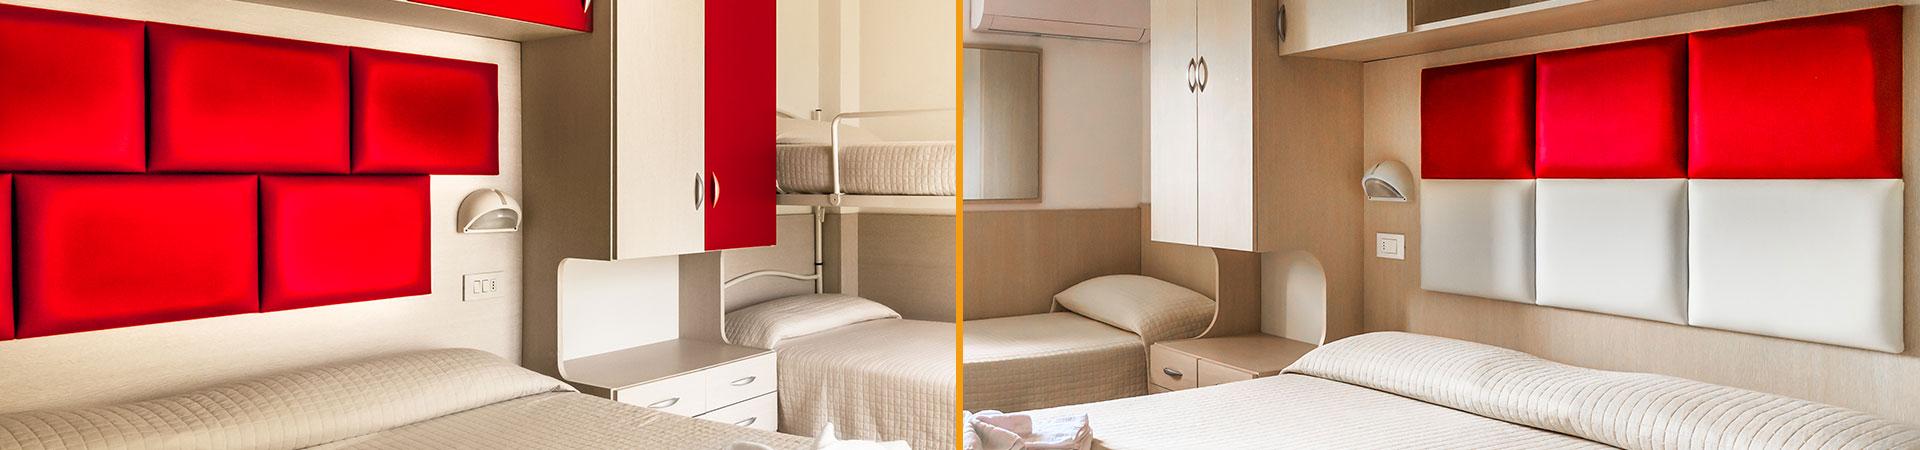 camere-hotel-stresa-s01a